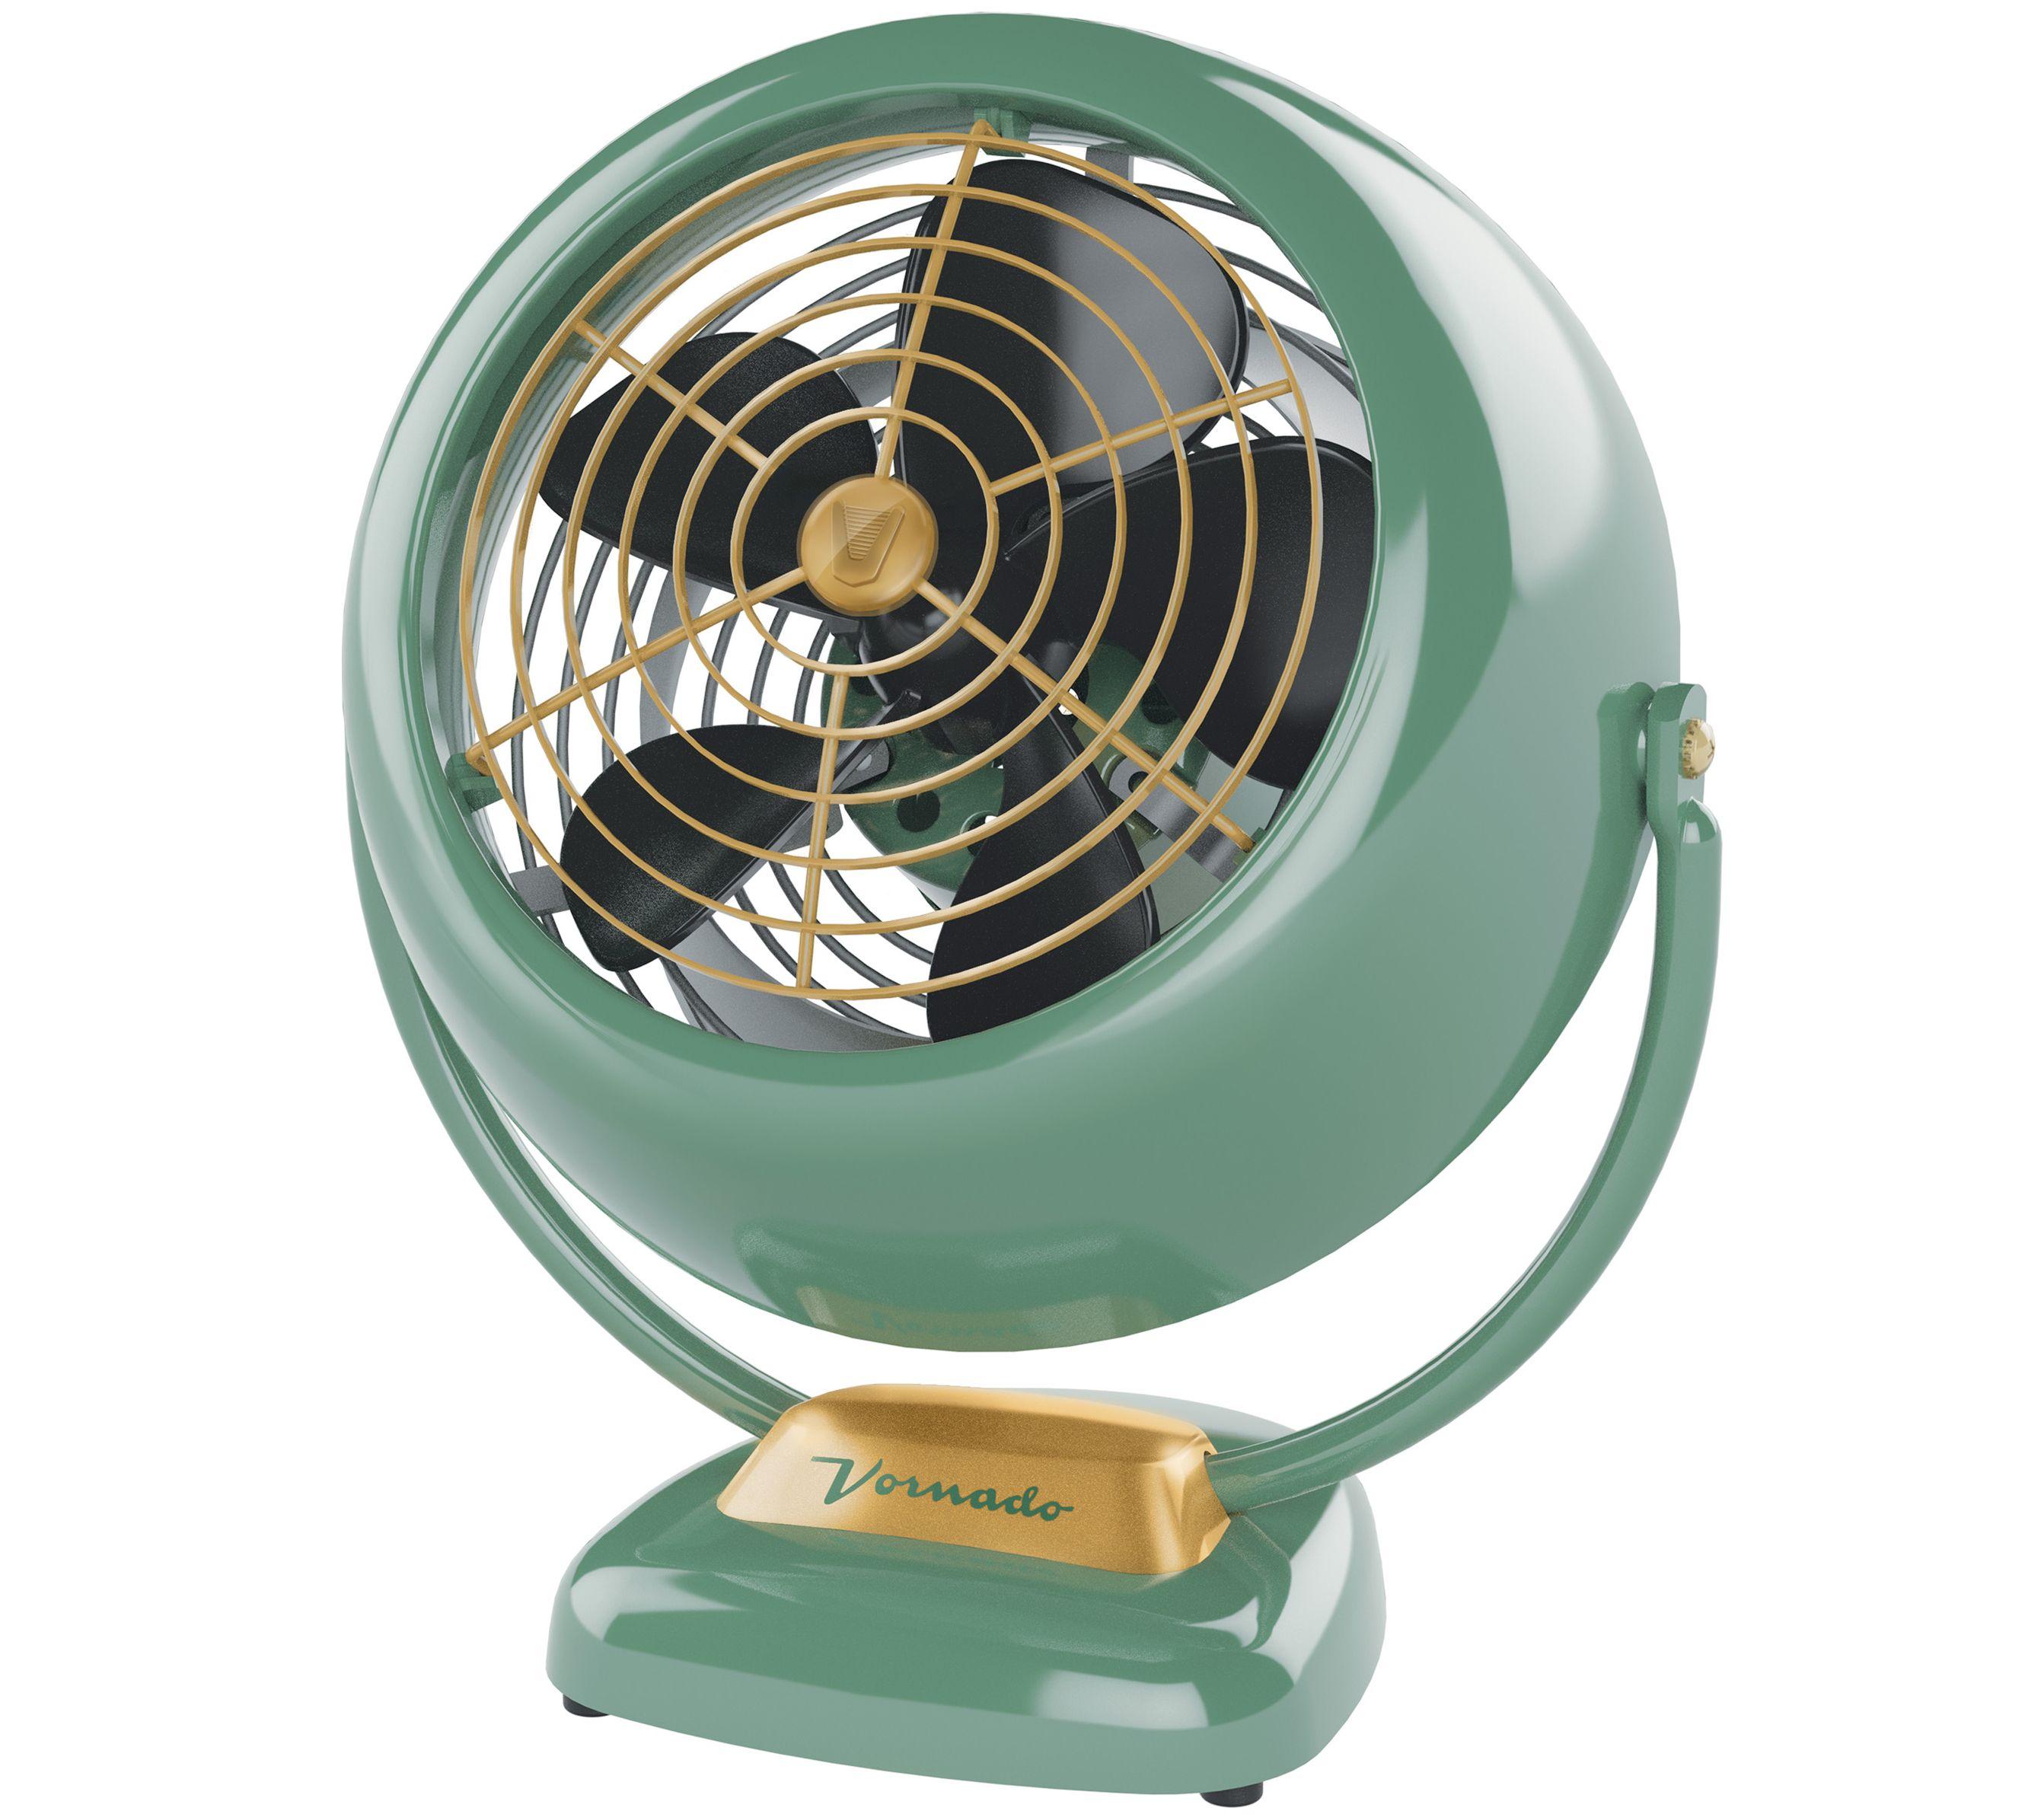 Vornado Air Circulators Clip On : Vornado vfan vintage style air circulator — qvc